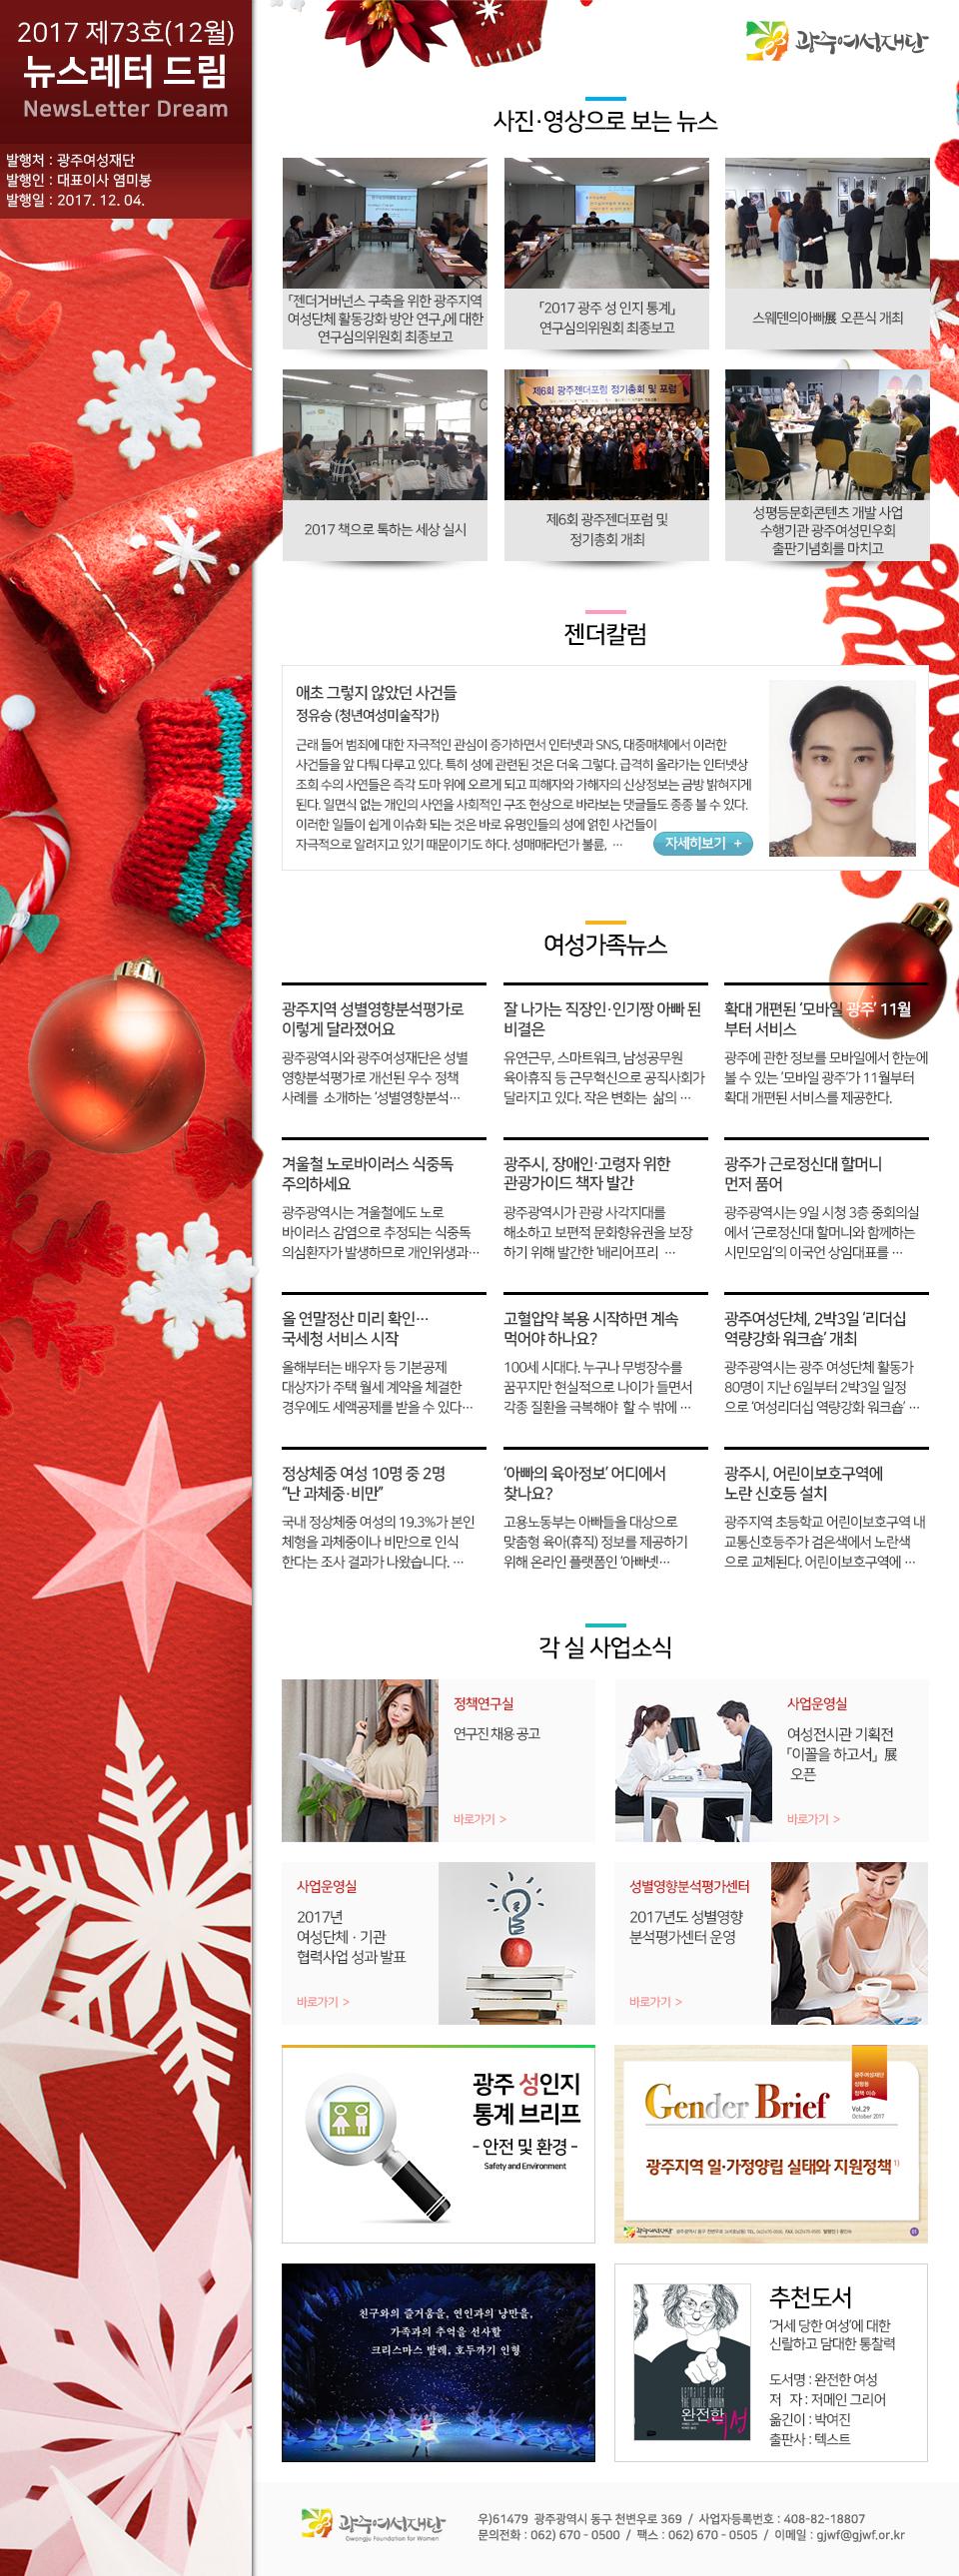 여성재단뉴스레터 제73호